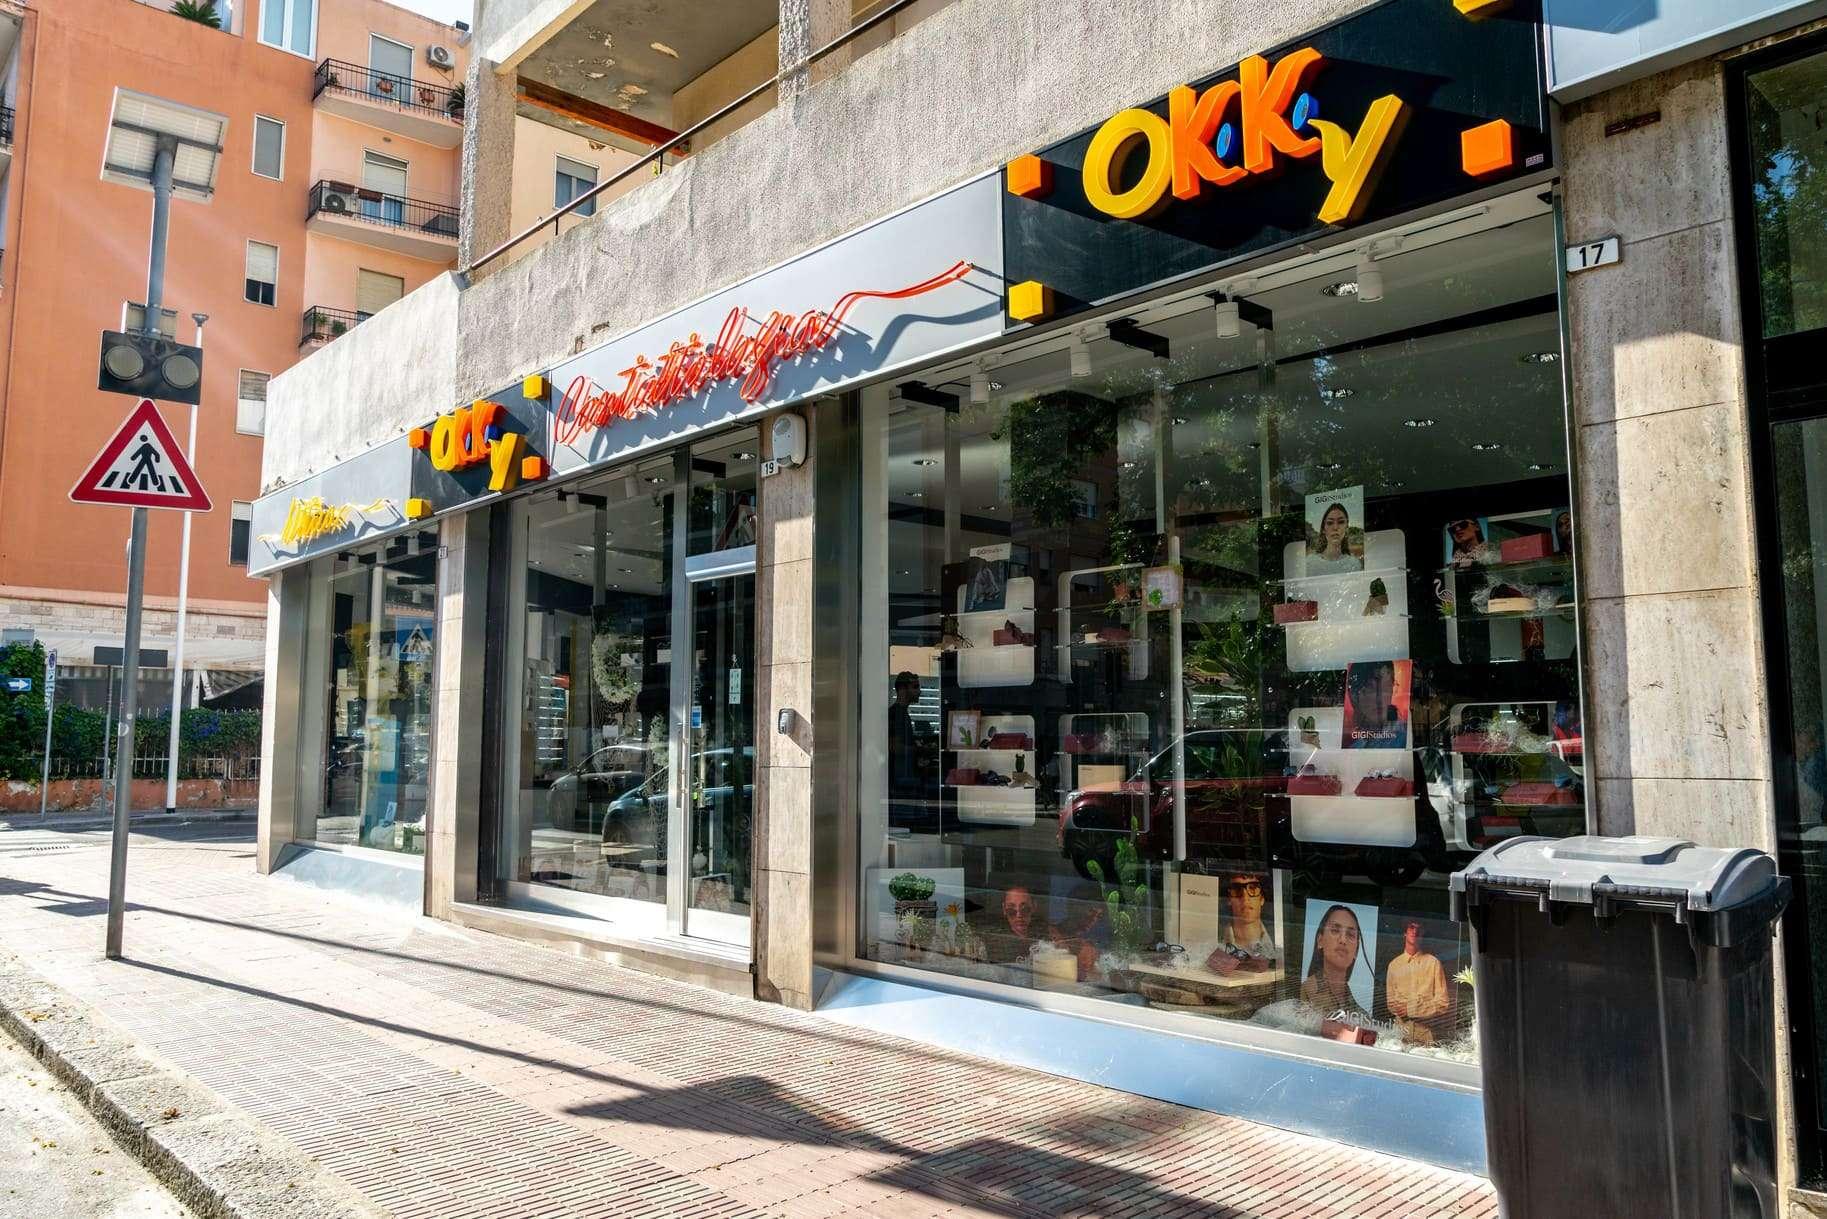 Cagliari okky ottica